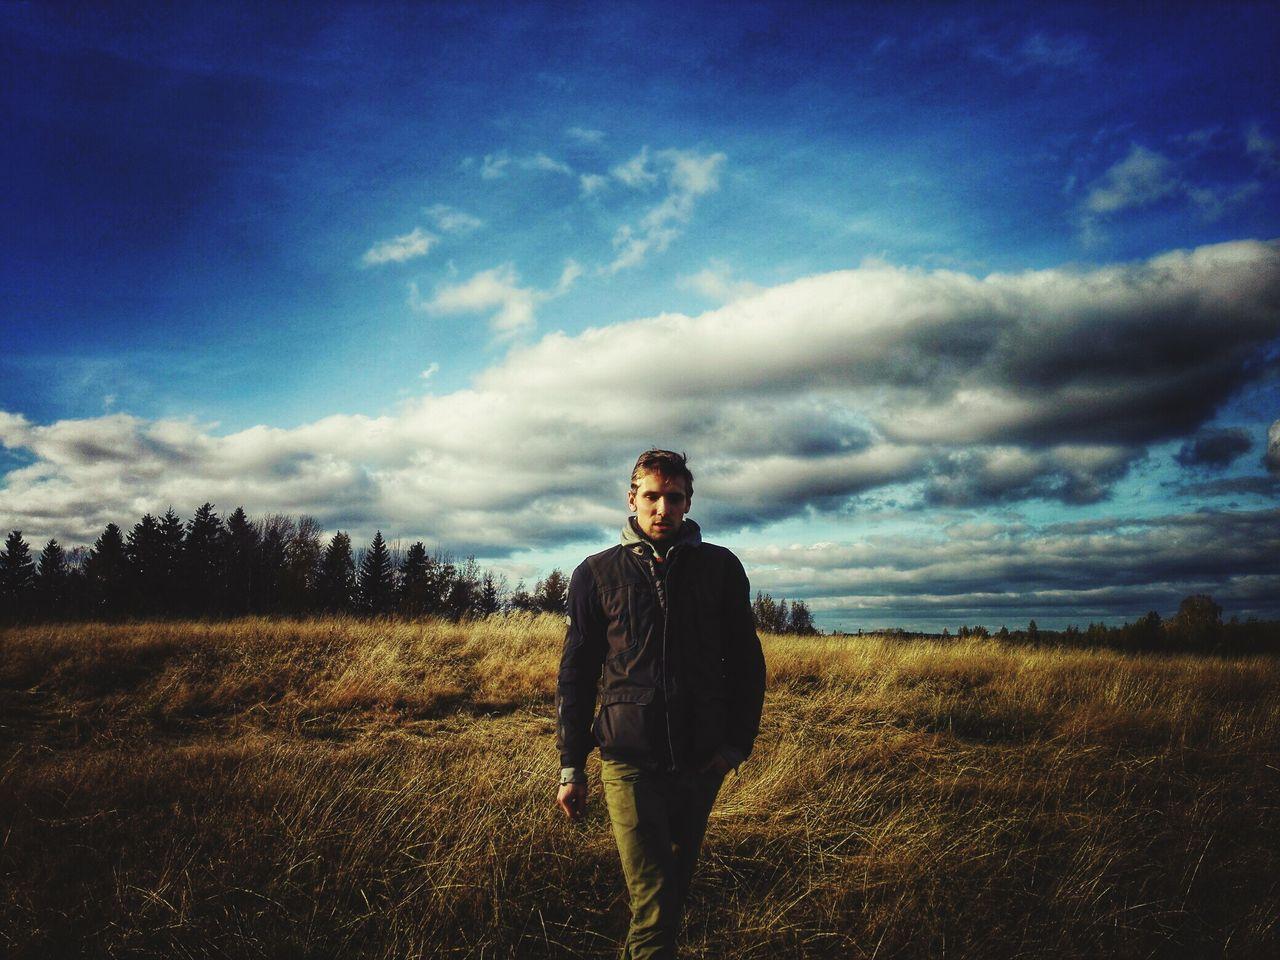 Portrait of man walking on grassy field against blue sky